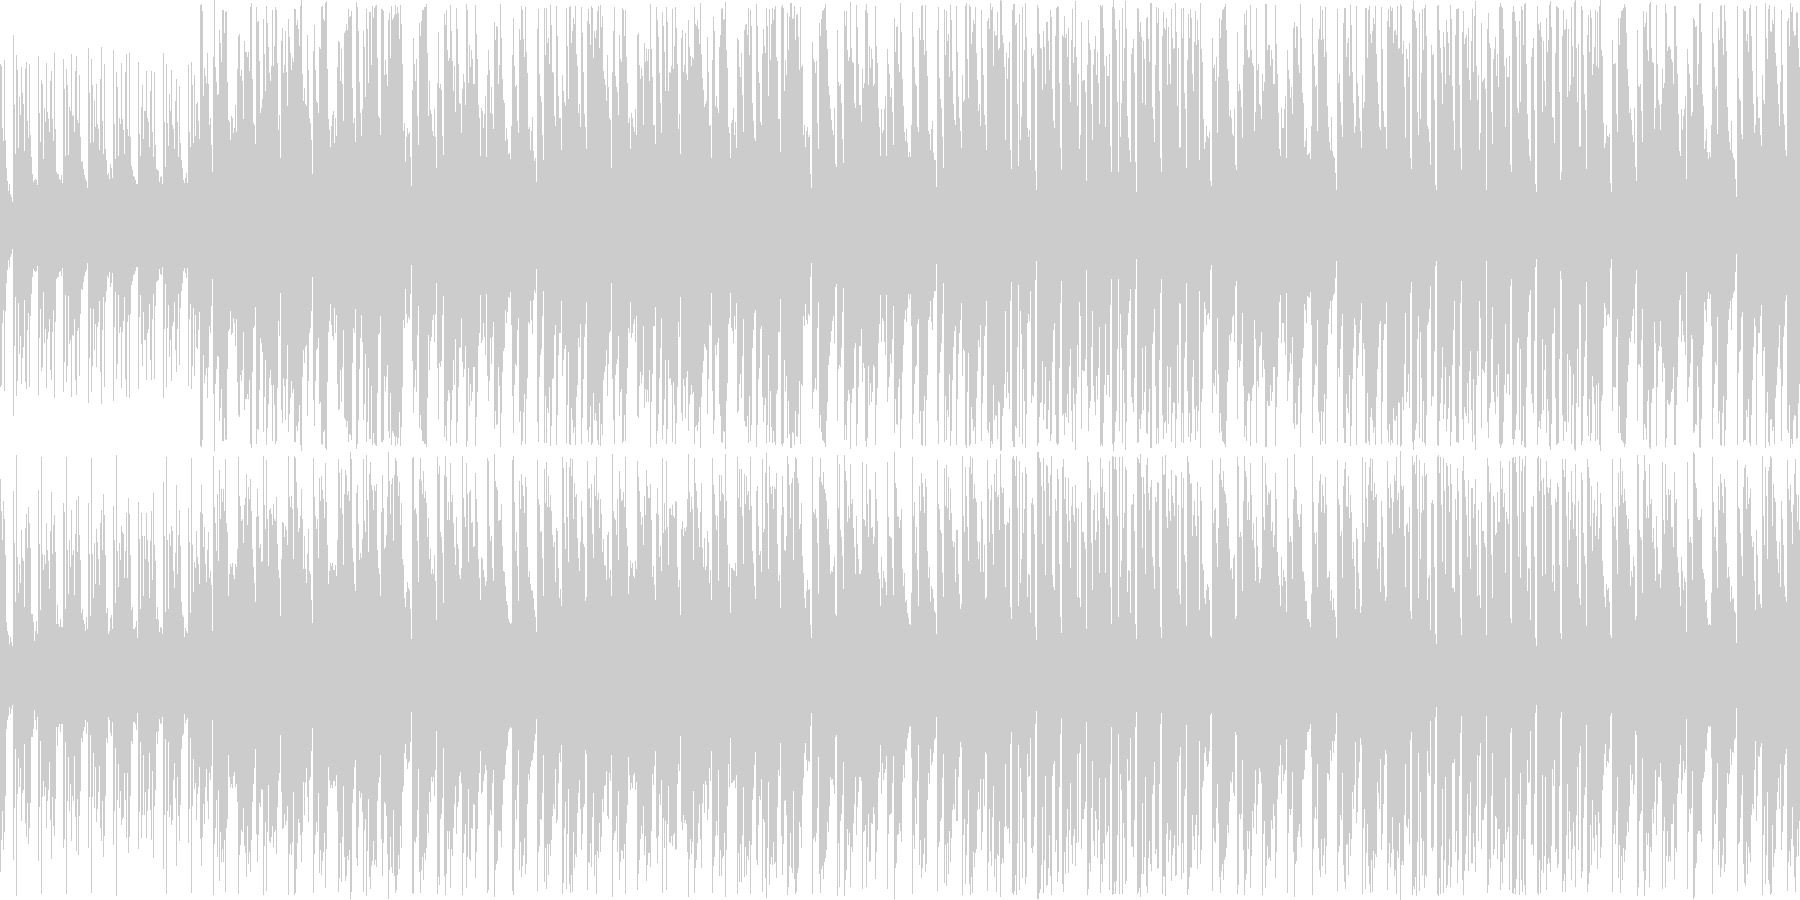 【軽快ピアノファンク】の未再生の波形